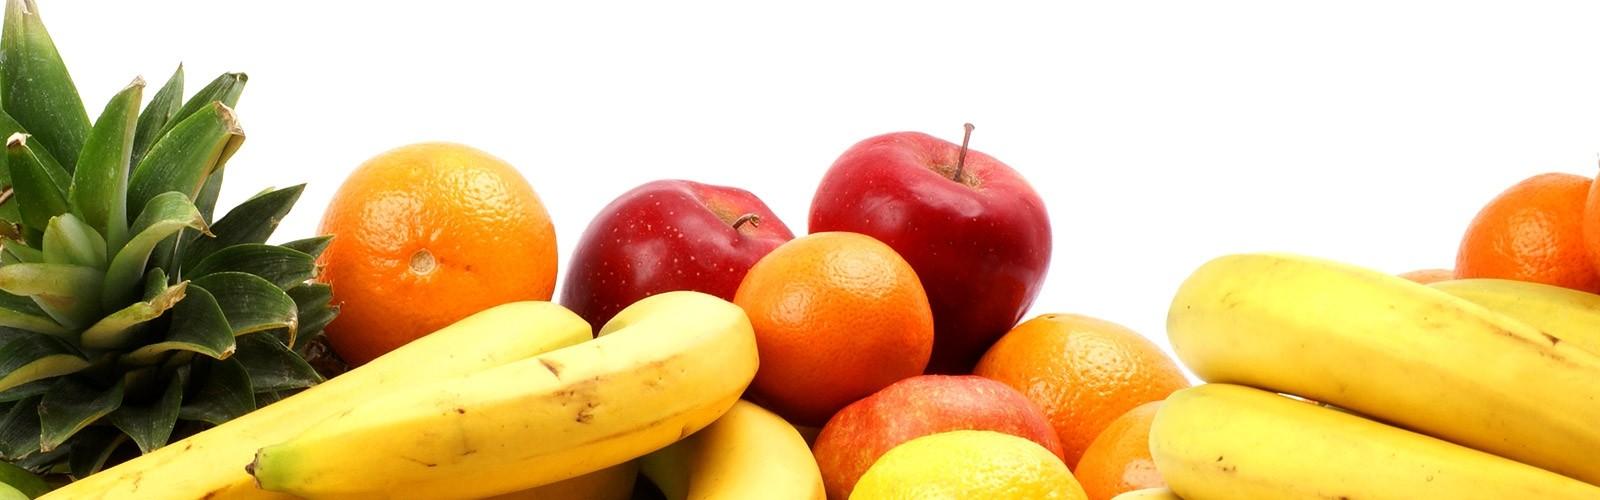 cesta-de-frutas-delivery-nobrefrutas-banner1